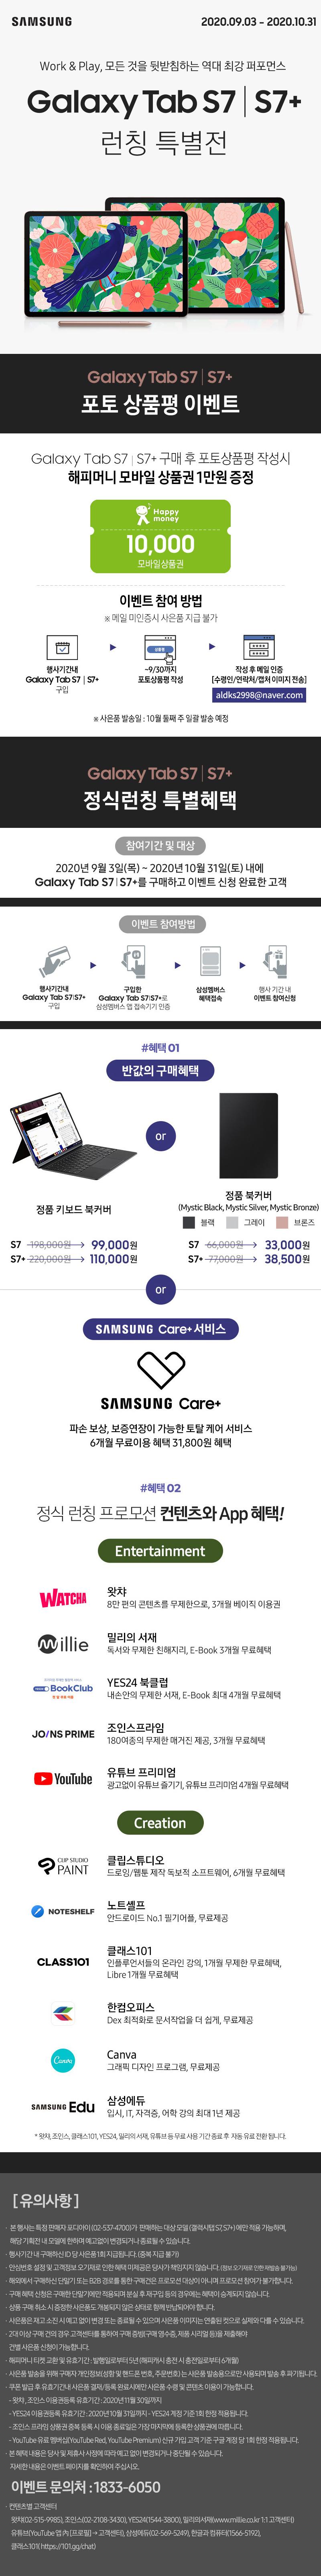 삼성 갤럭시탭 모음전